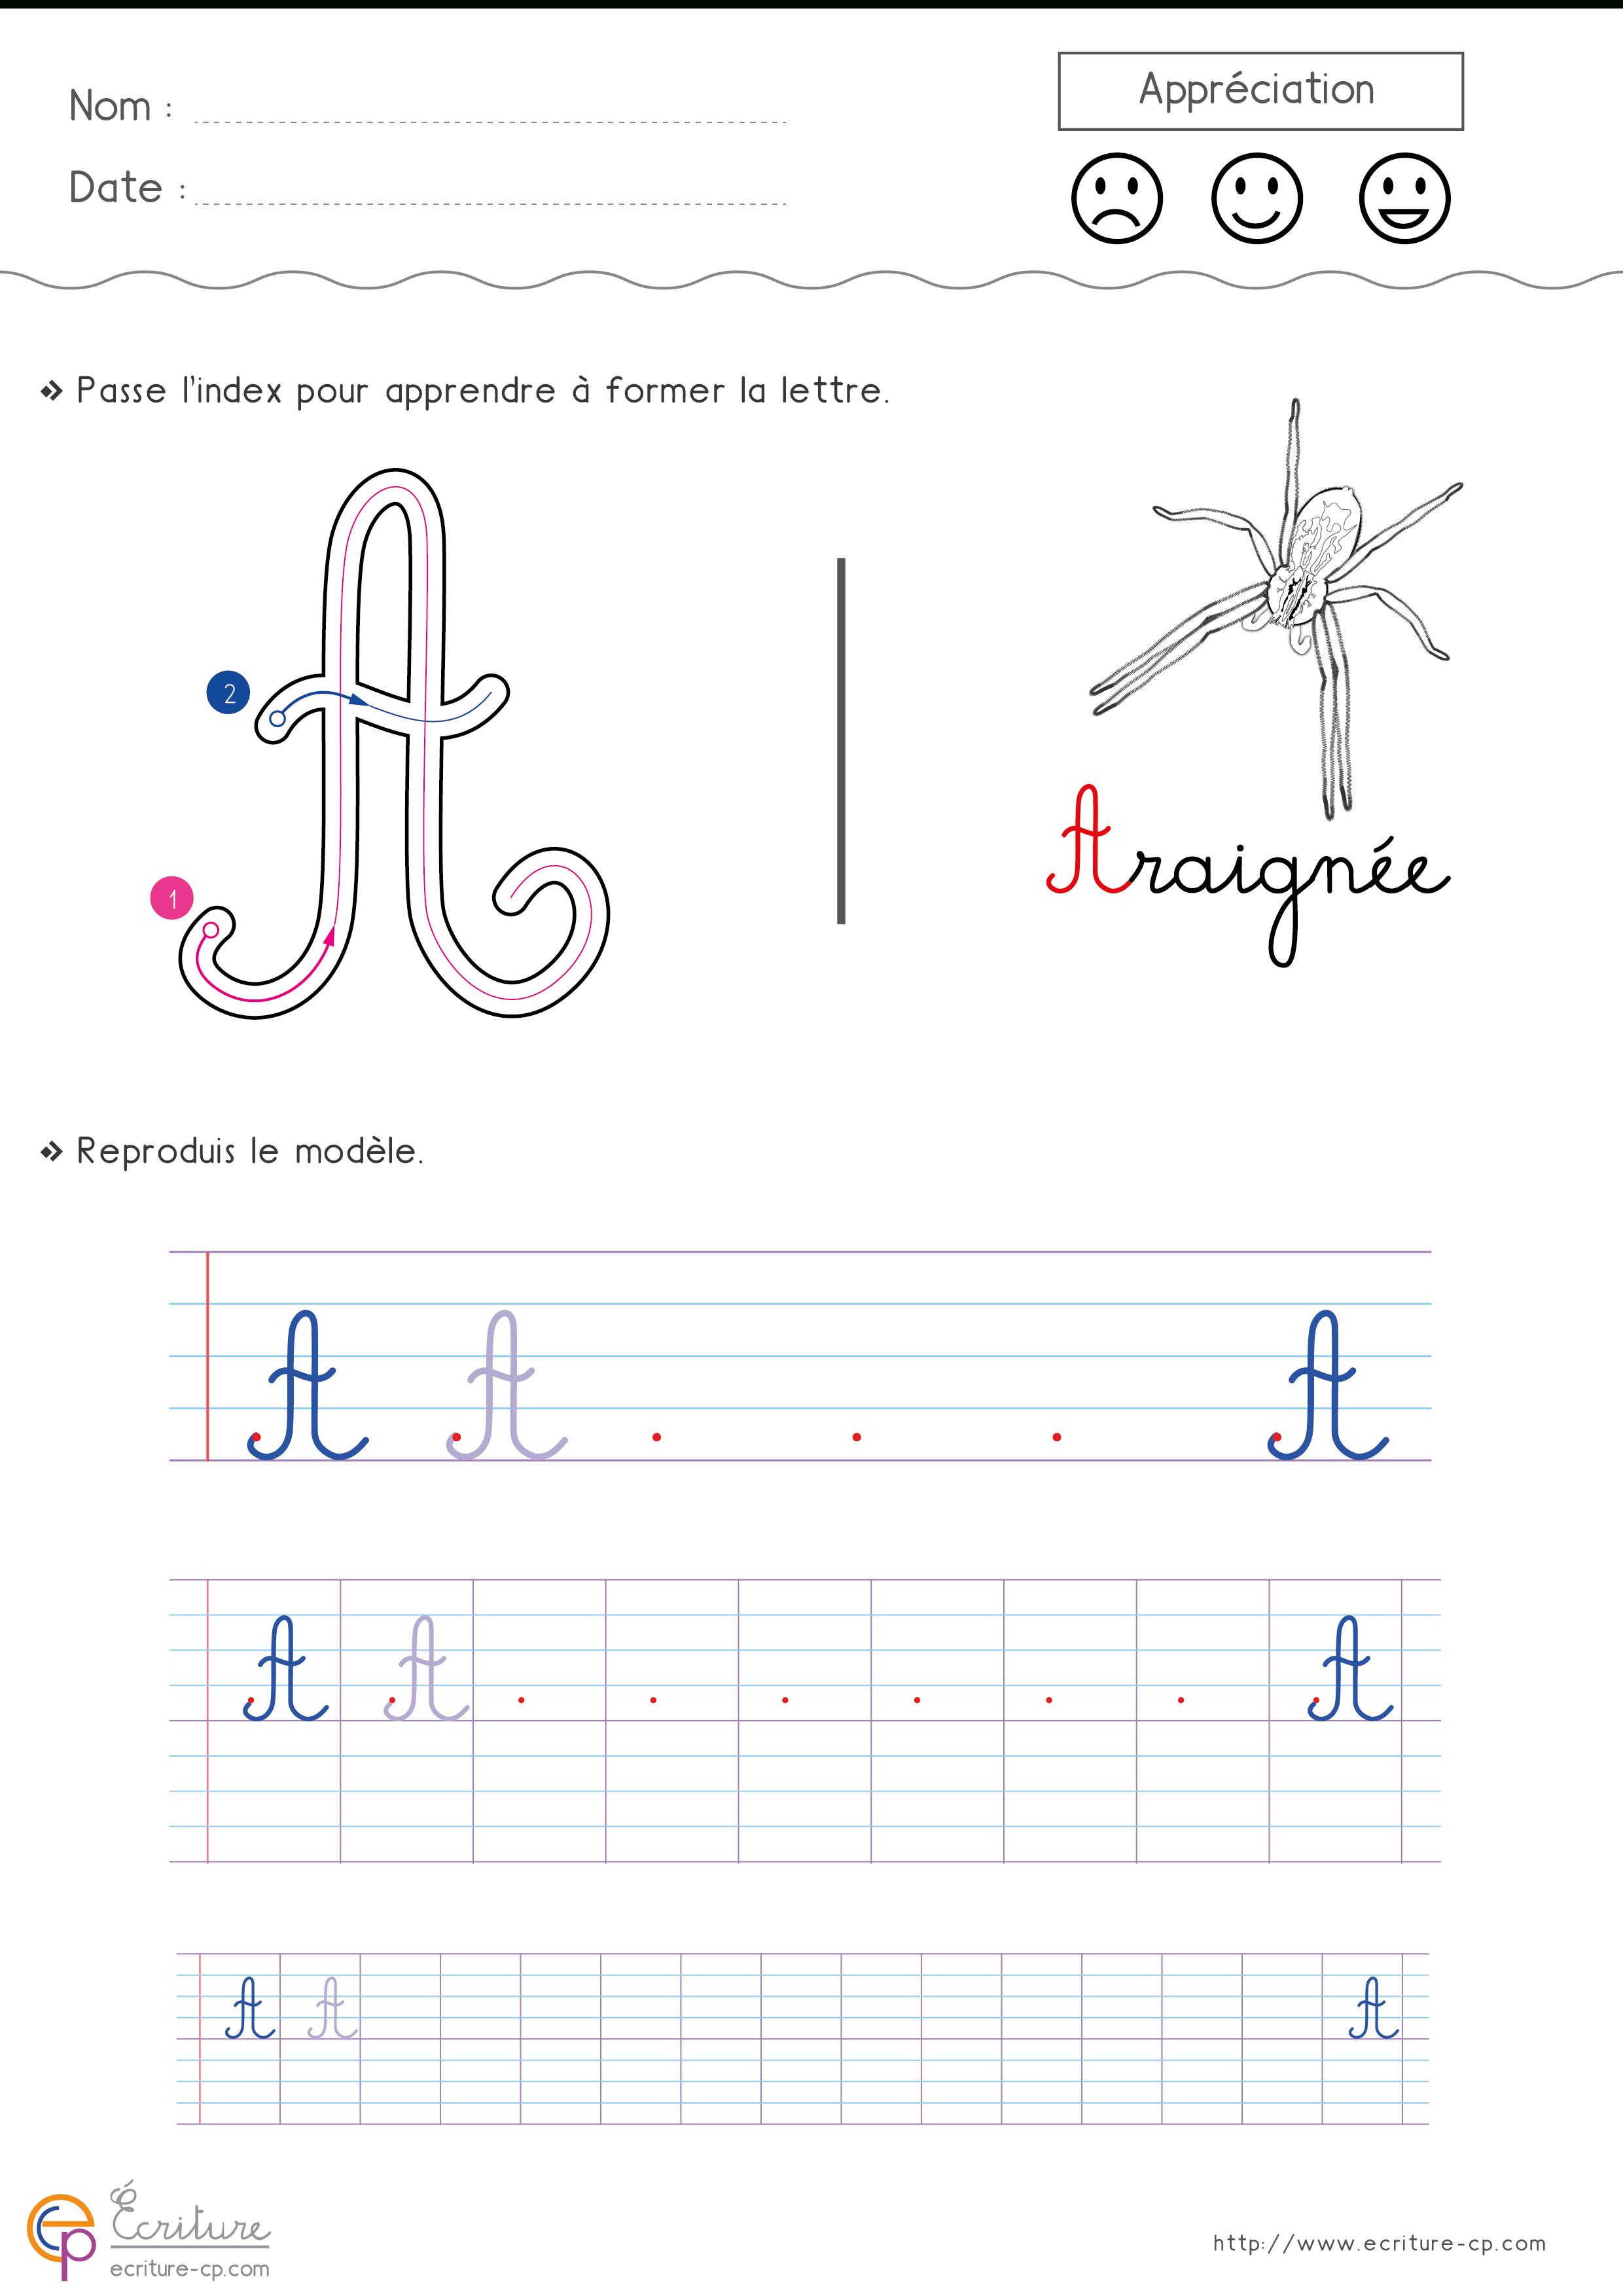 Écrire L'alphabet Majuscule Cursive Cp Ce1 | Écriture Cp Ce1